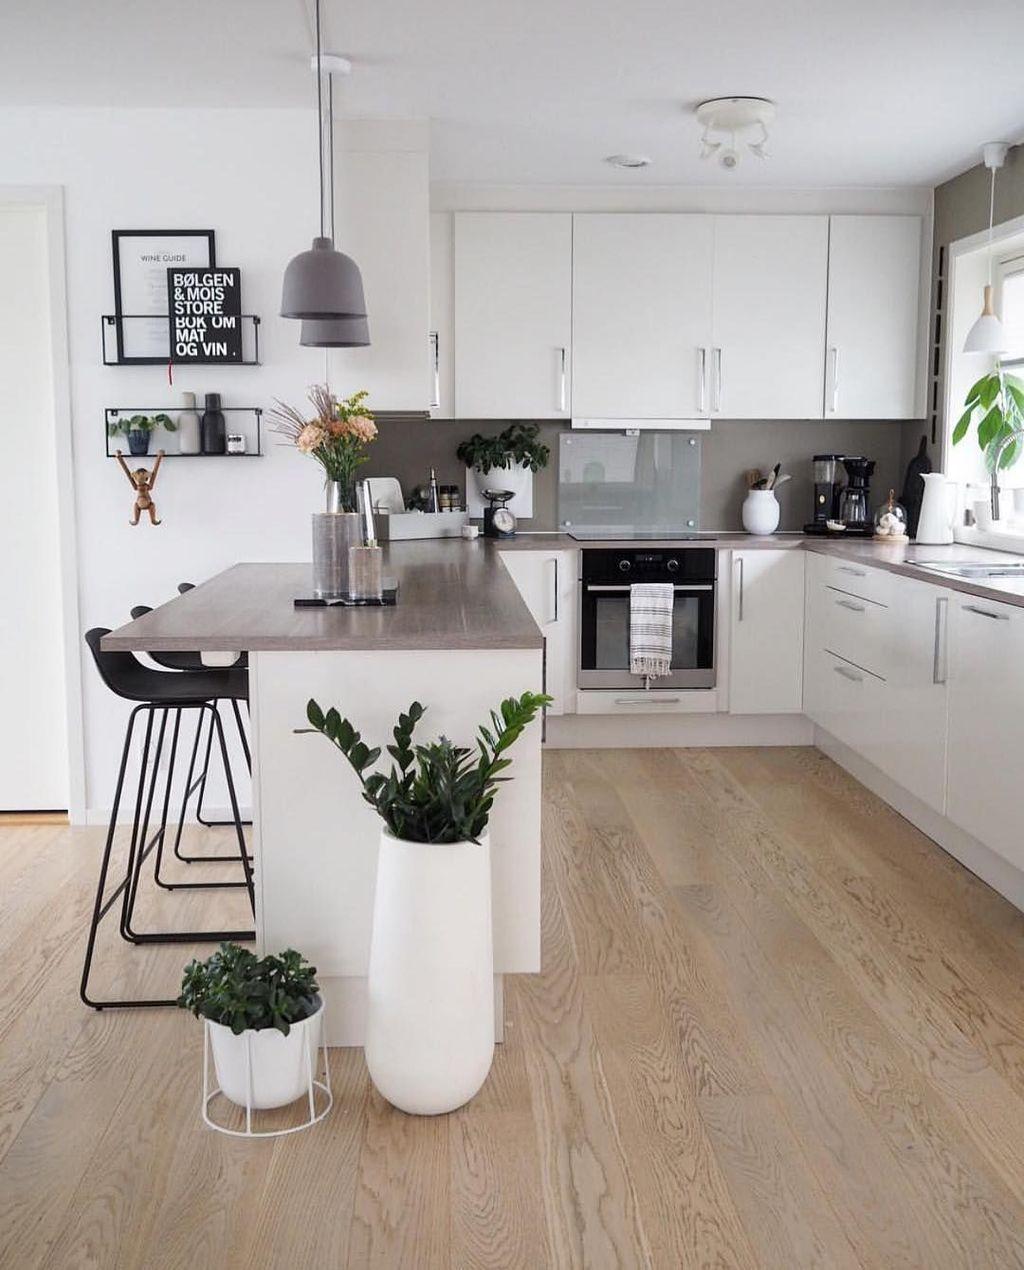 31 Beautiful Modern Condo Kitchen Design And Decor Ideas